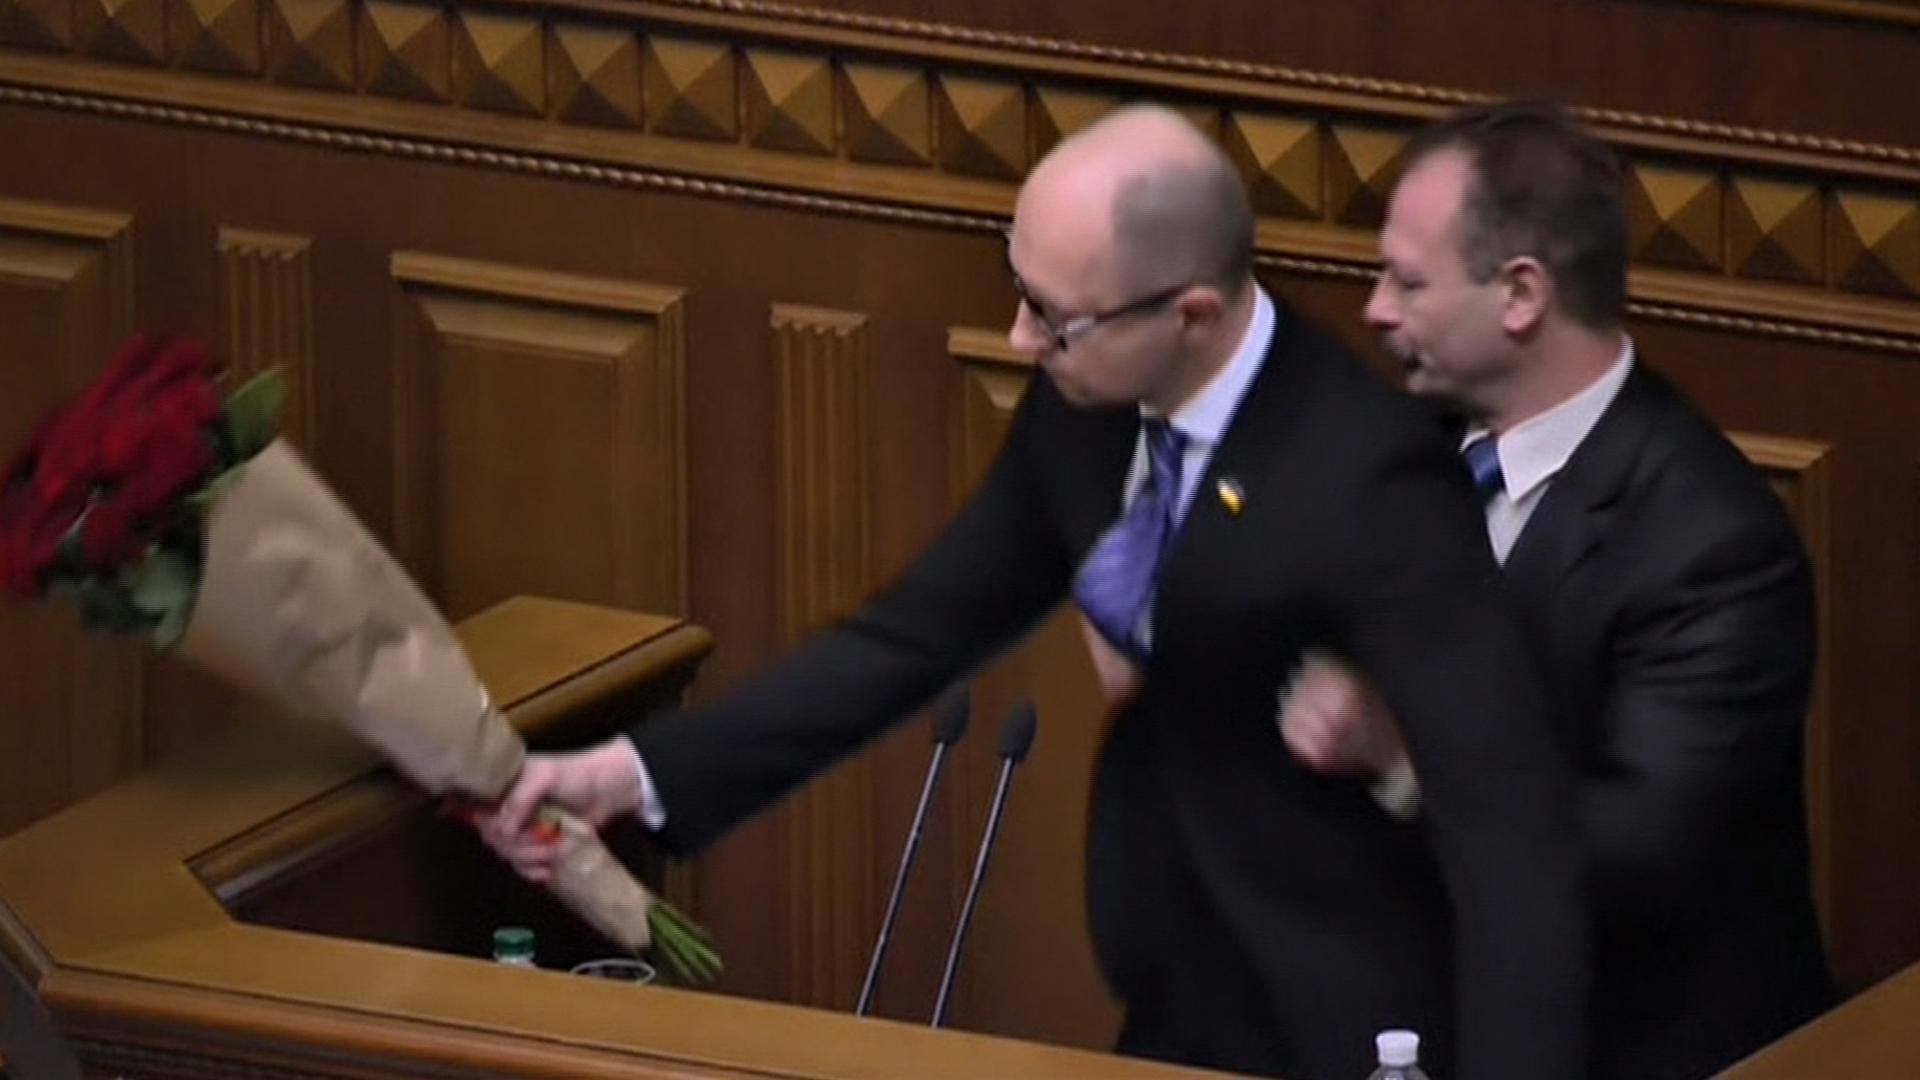 Ukraine Lawmaker Manhandles Prime Minister, Sparking Parliament Brawl